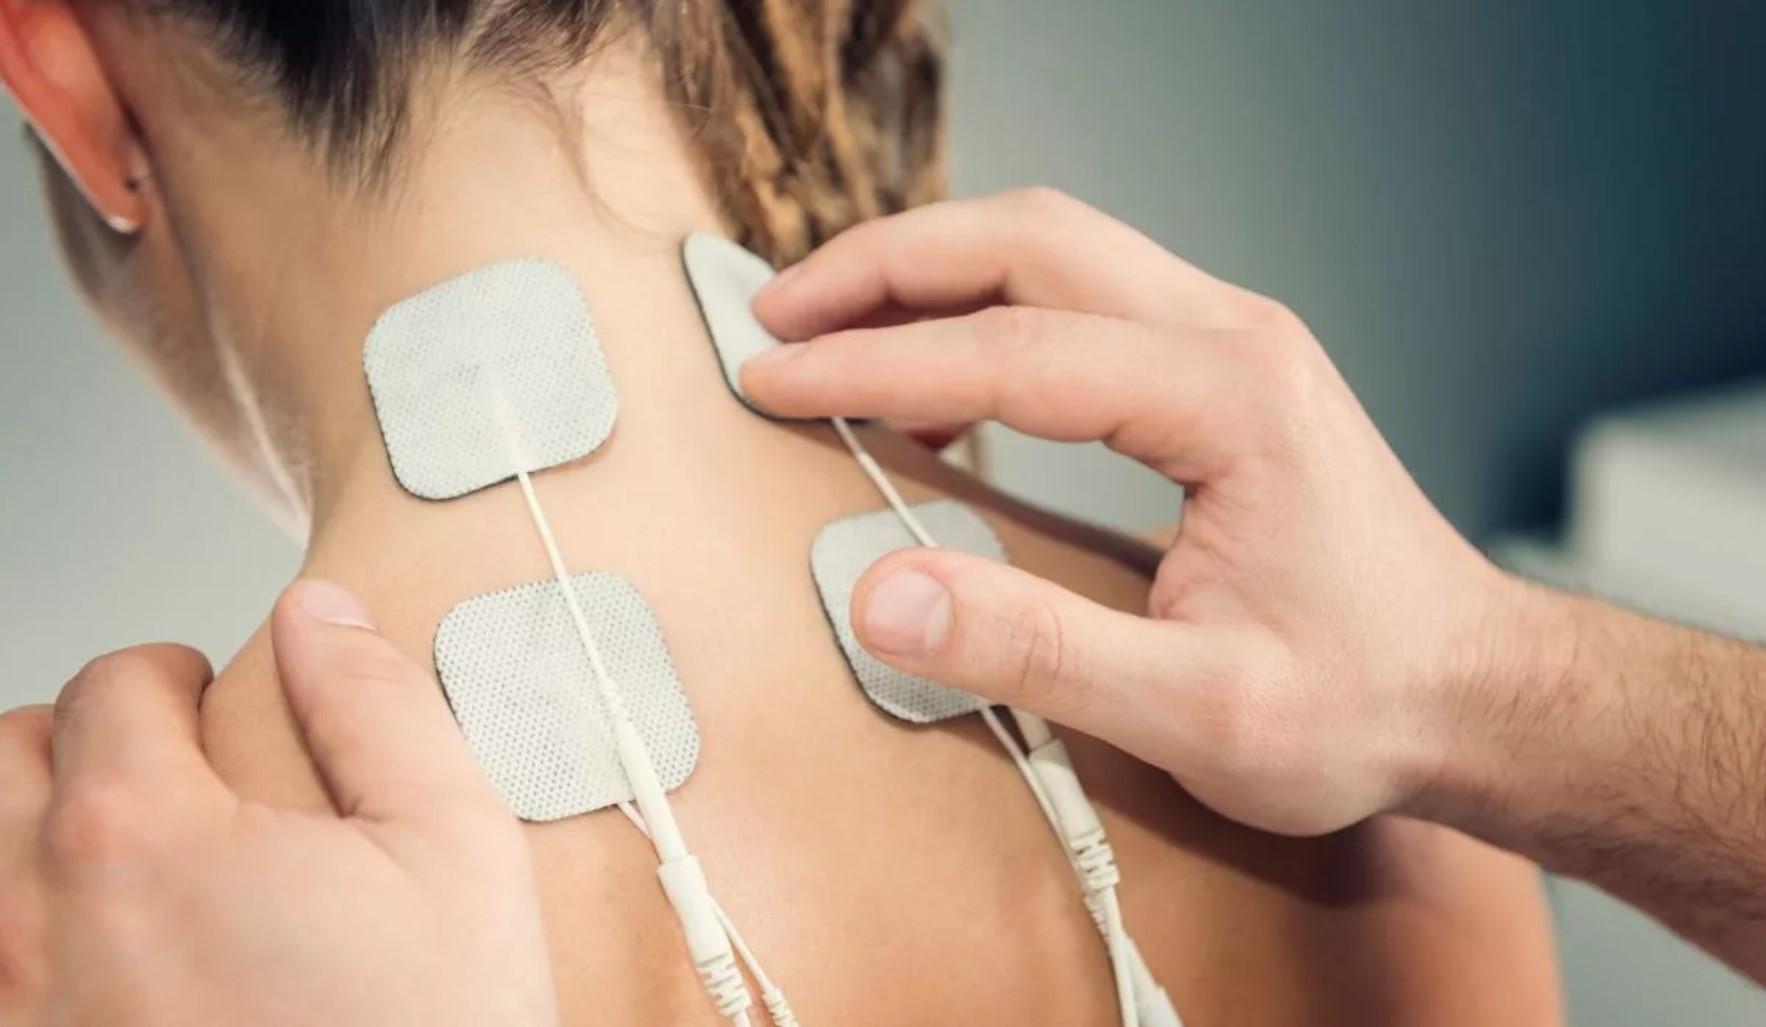 Несомненная польза физиотерапии для здоровья